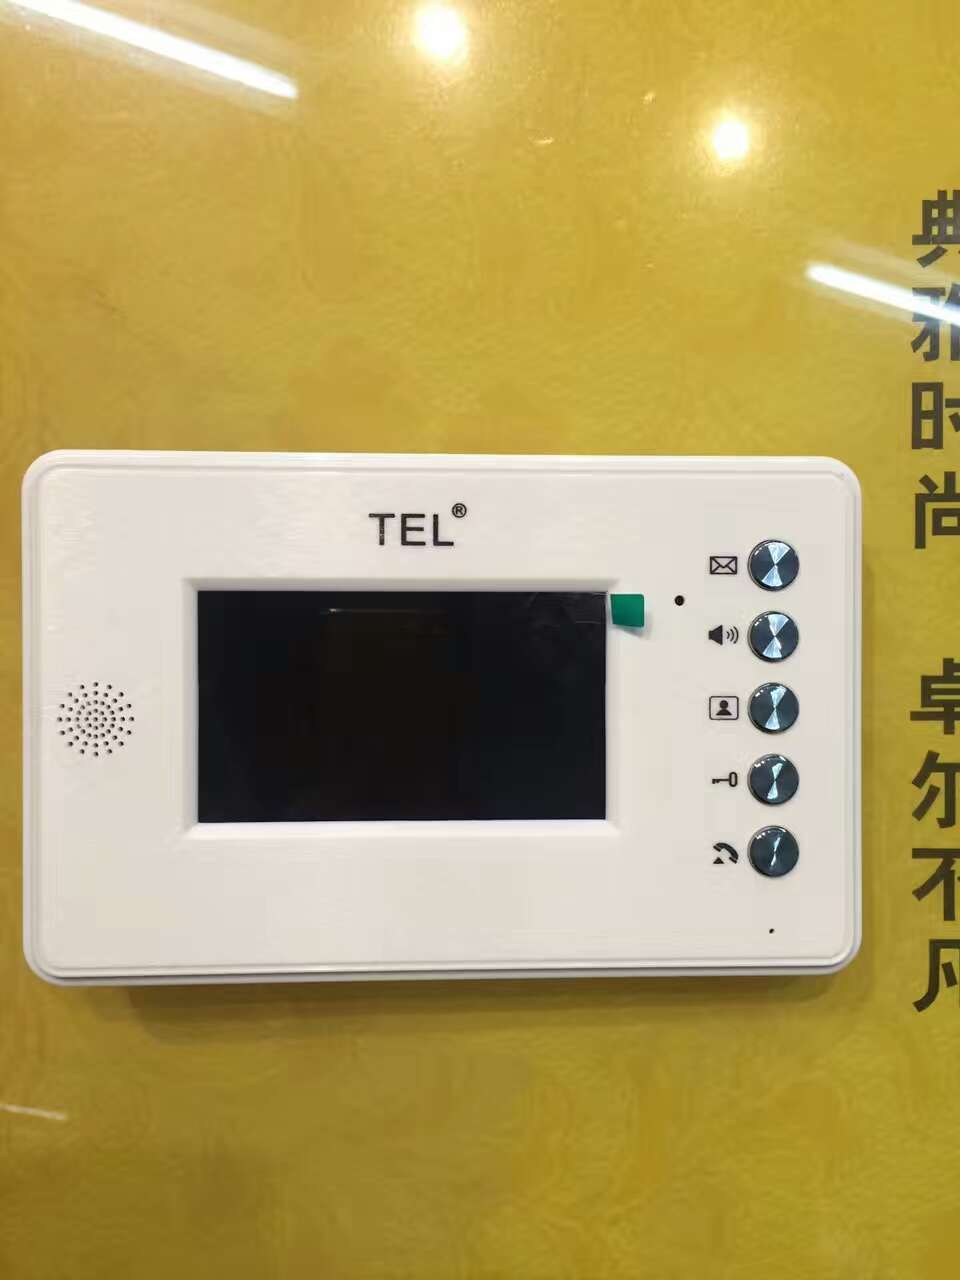 沈阳可视对讲批发商-沈阳釜通智能供应合格的可视对讲门铃